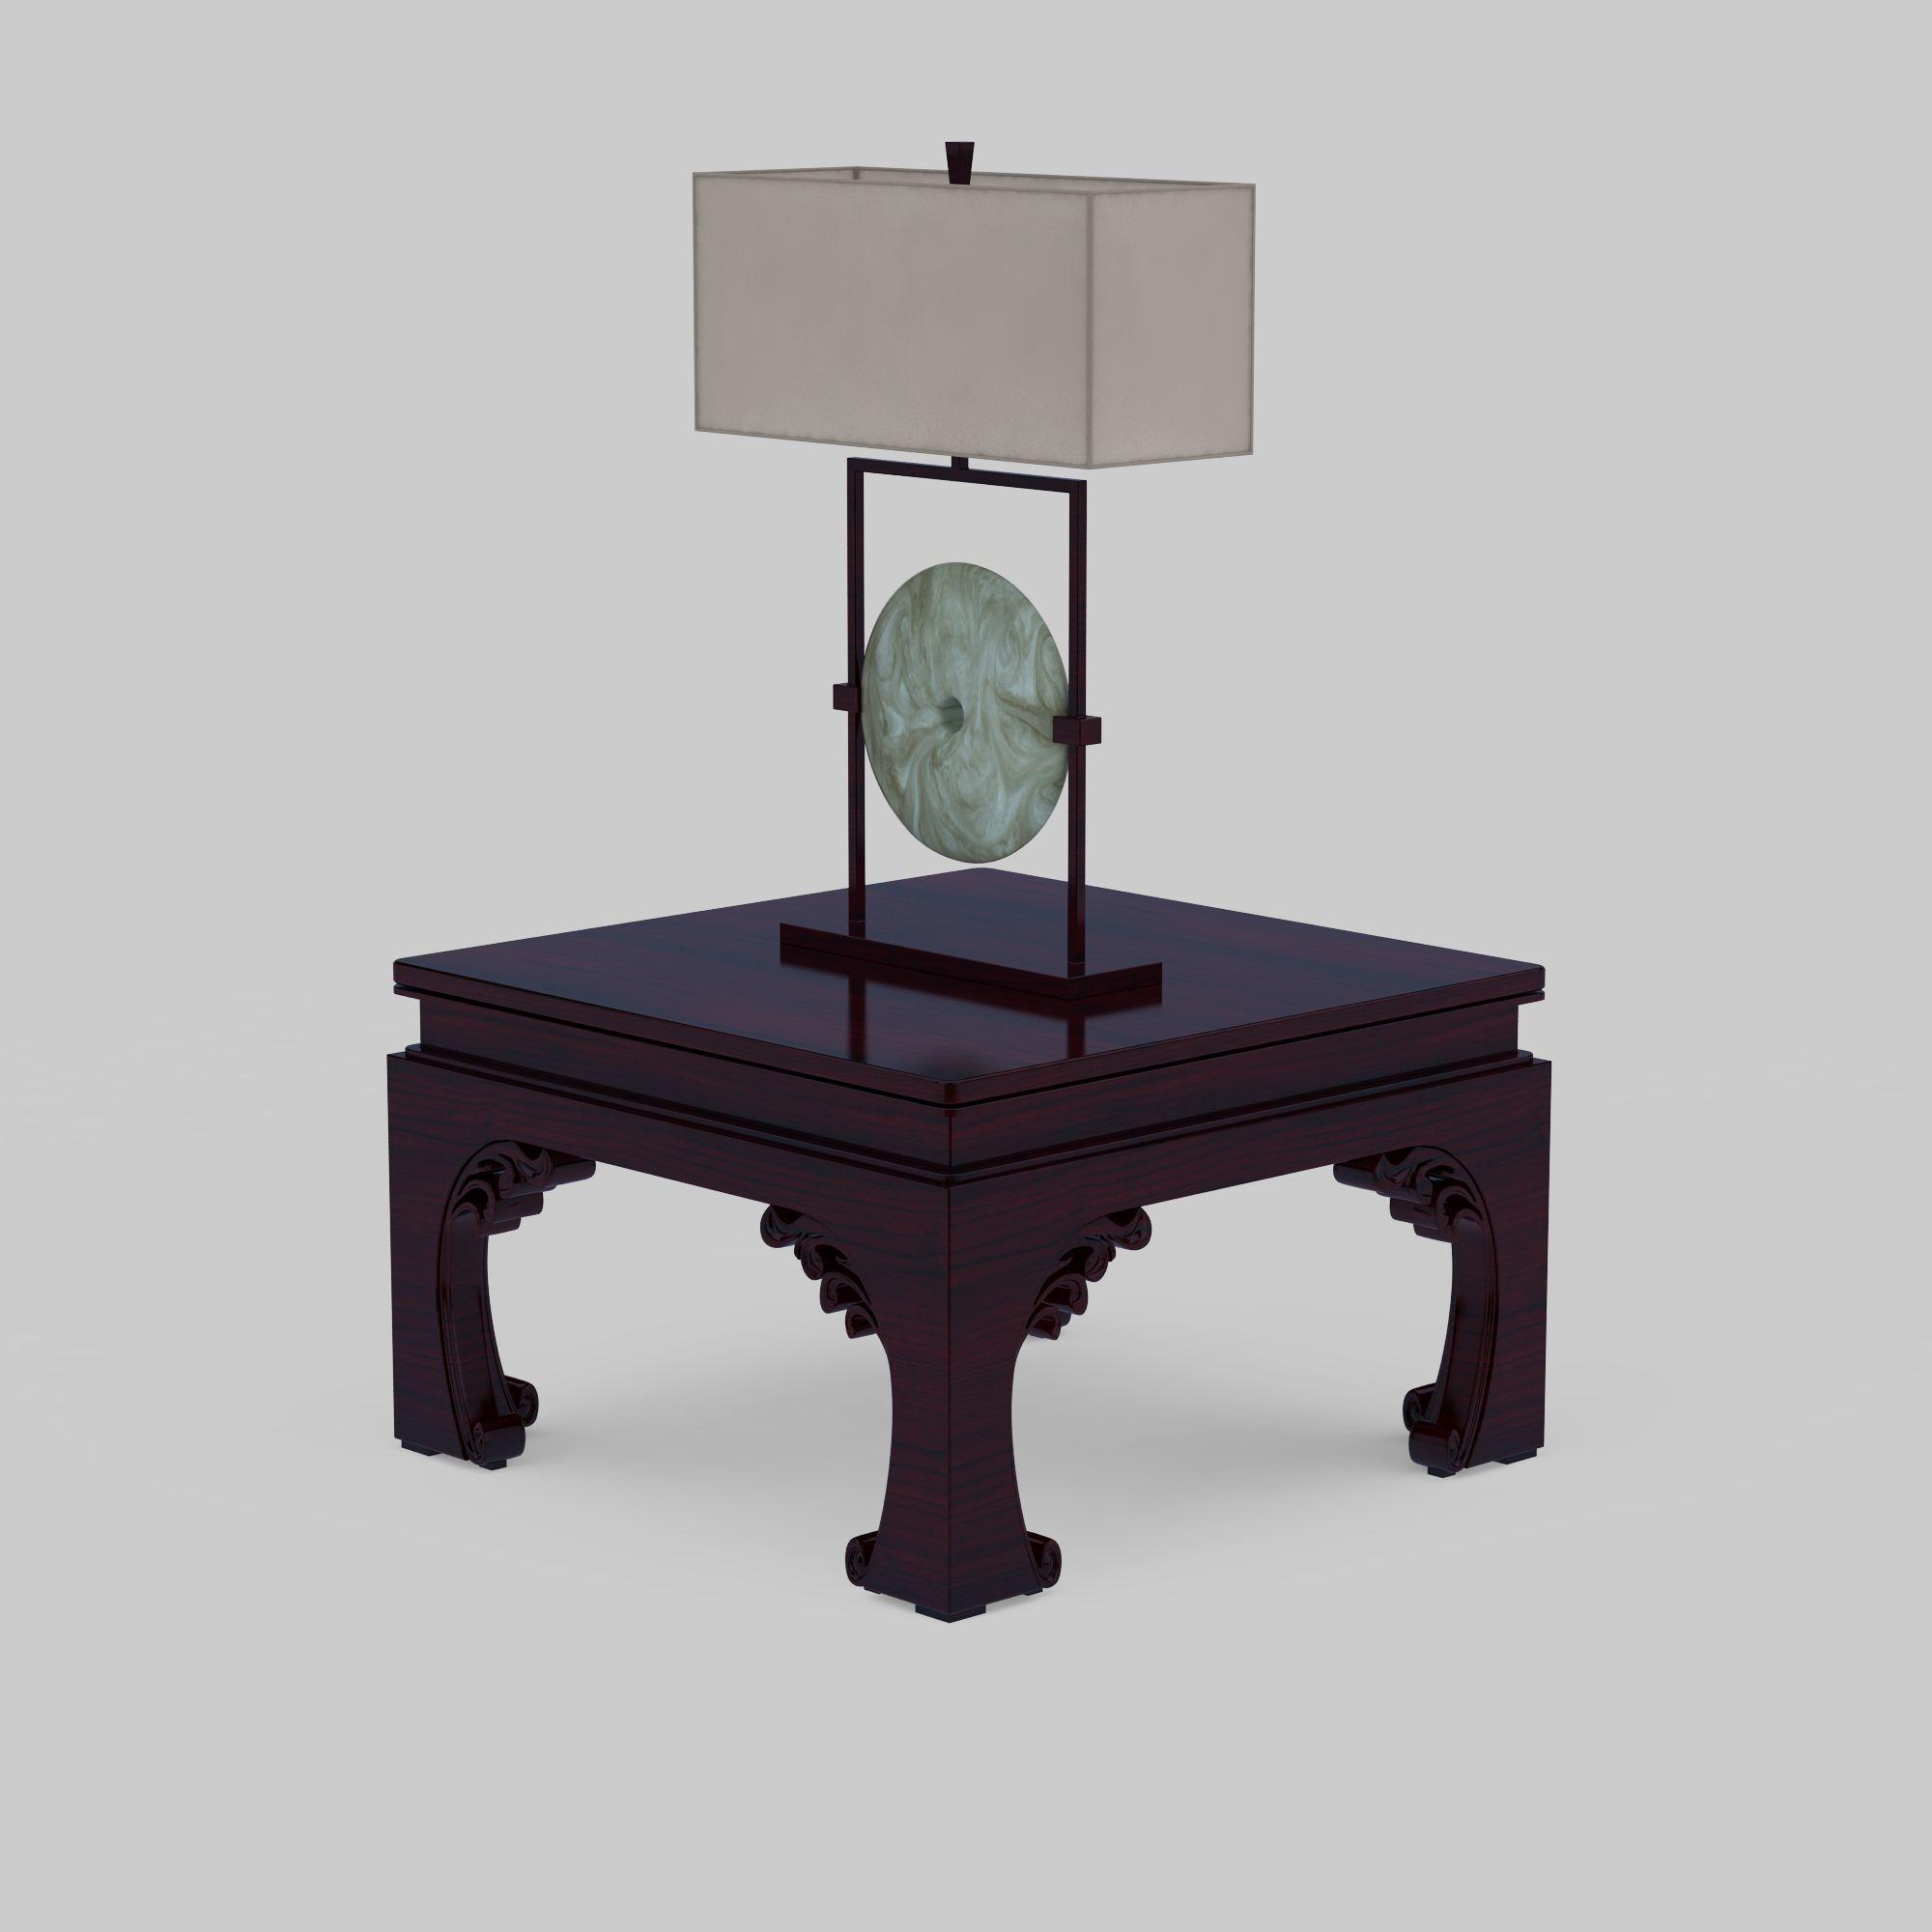 室内中式台灯图片_室内中式台灯png图片素材_室内中式图片